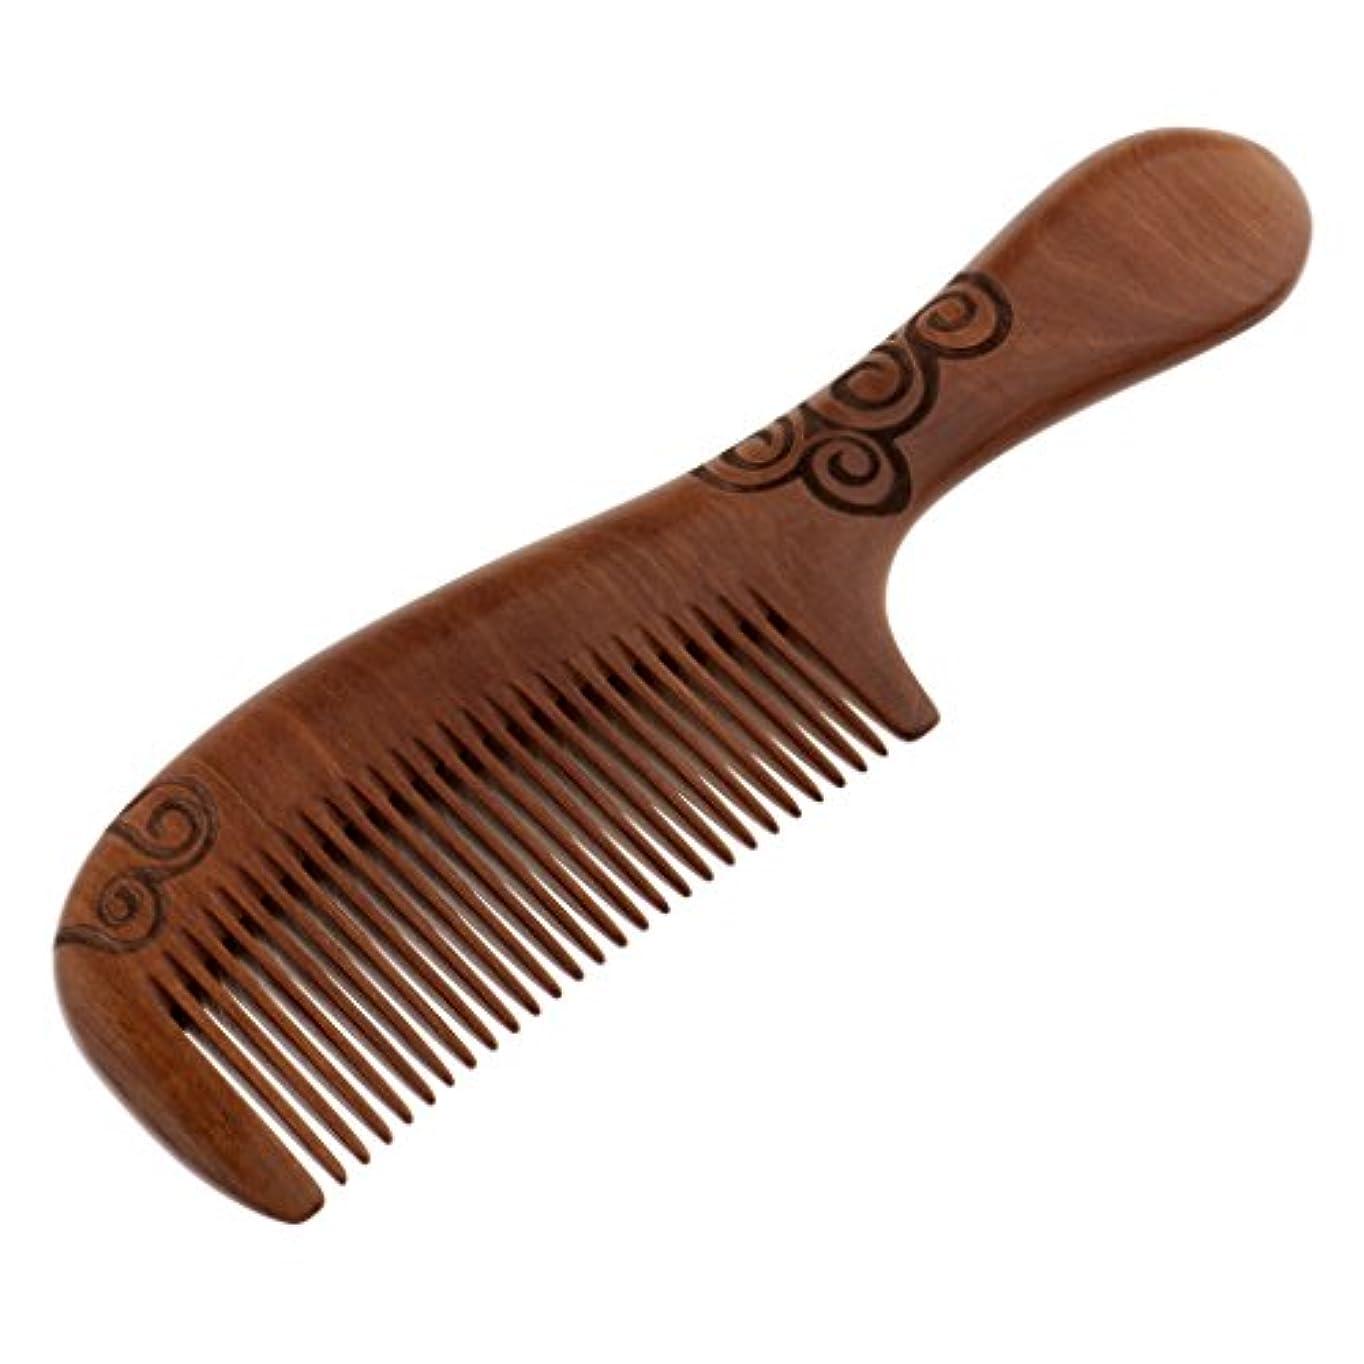 折るバング離婚Toygogo くし コーム 木製 頭皮マッサージ ヘア櫛 木製ヘアコーム ヘアケア 髪の櫛 帯電防止 耐熱性